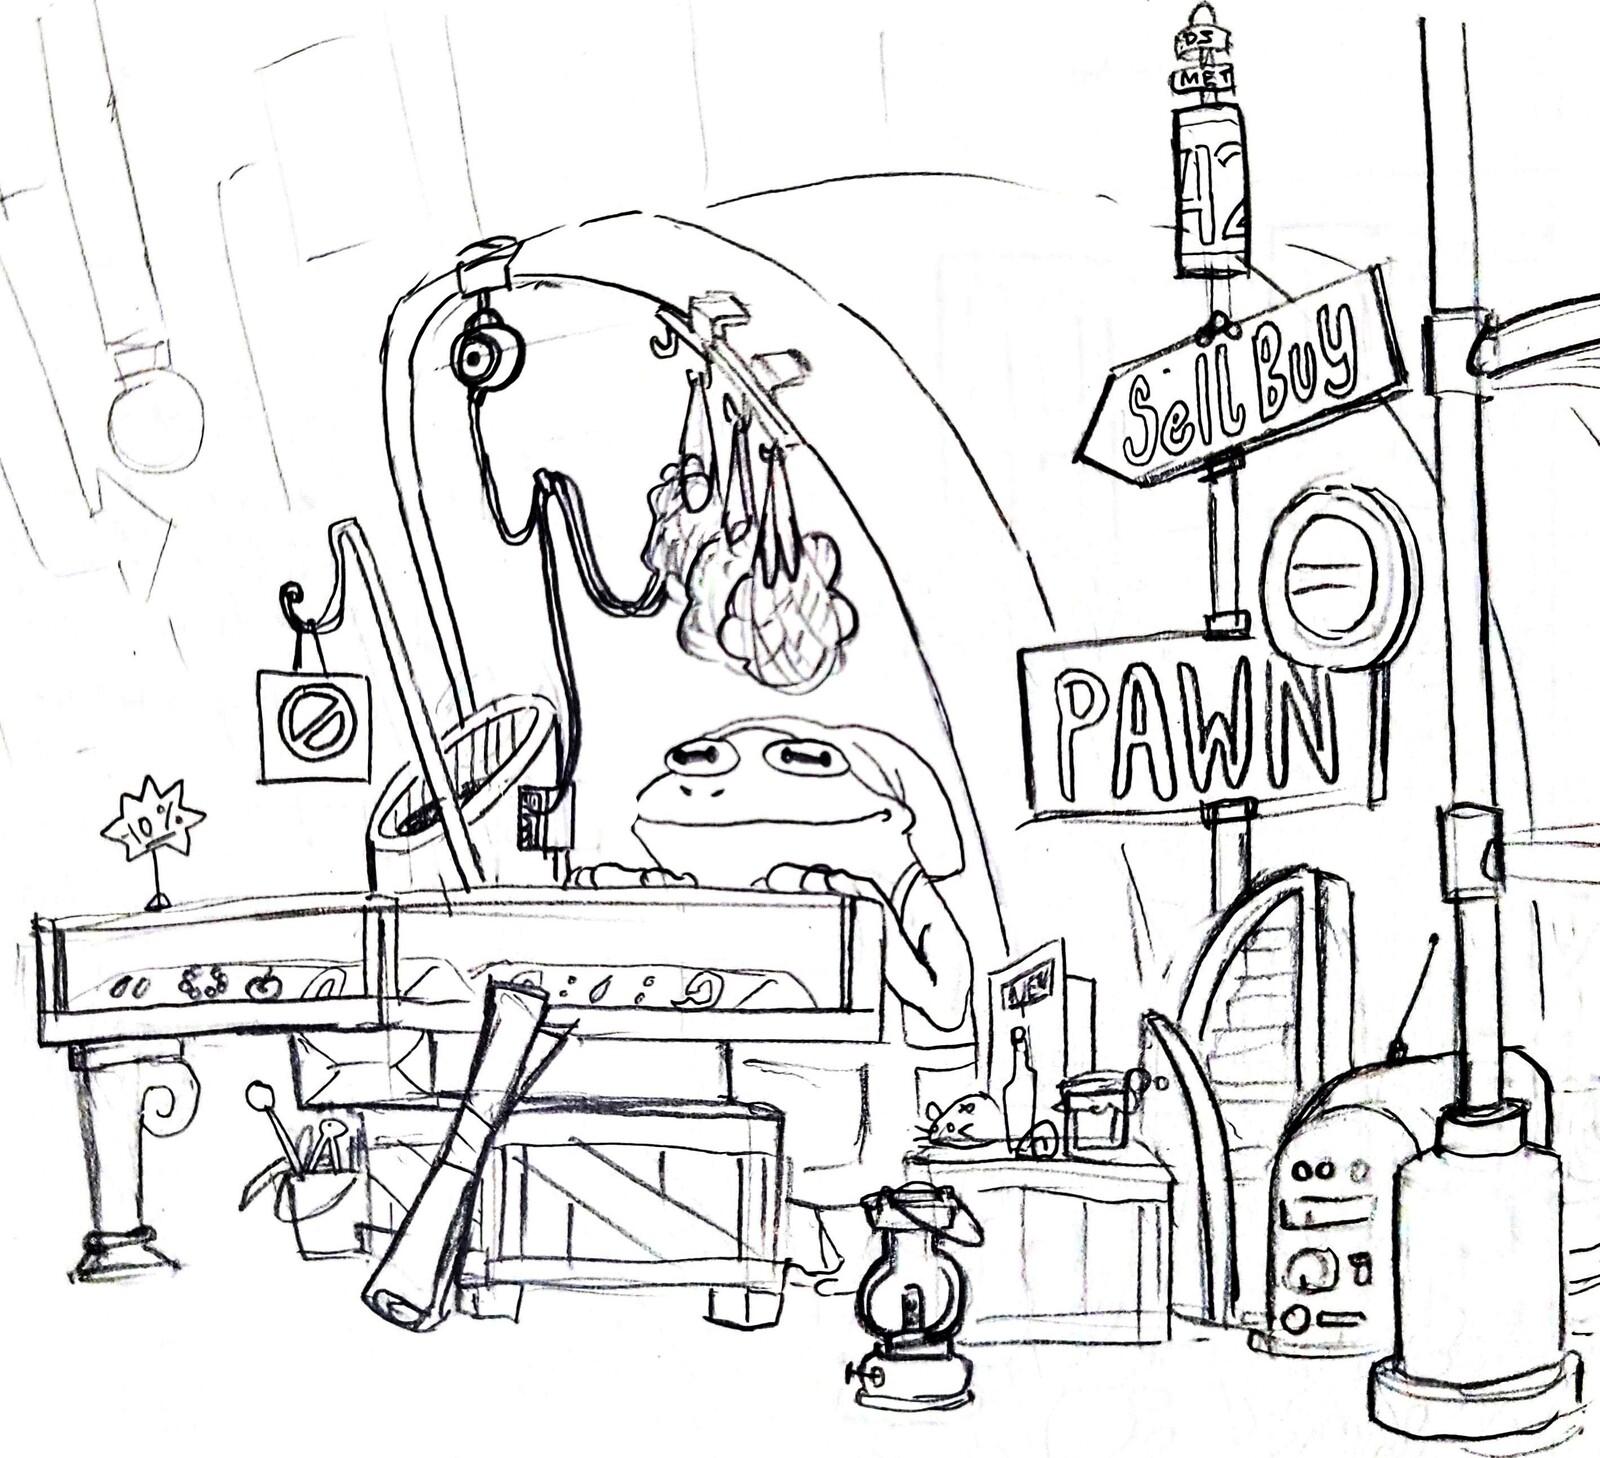 Sketchbook - Pop Up Pawn Shop